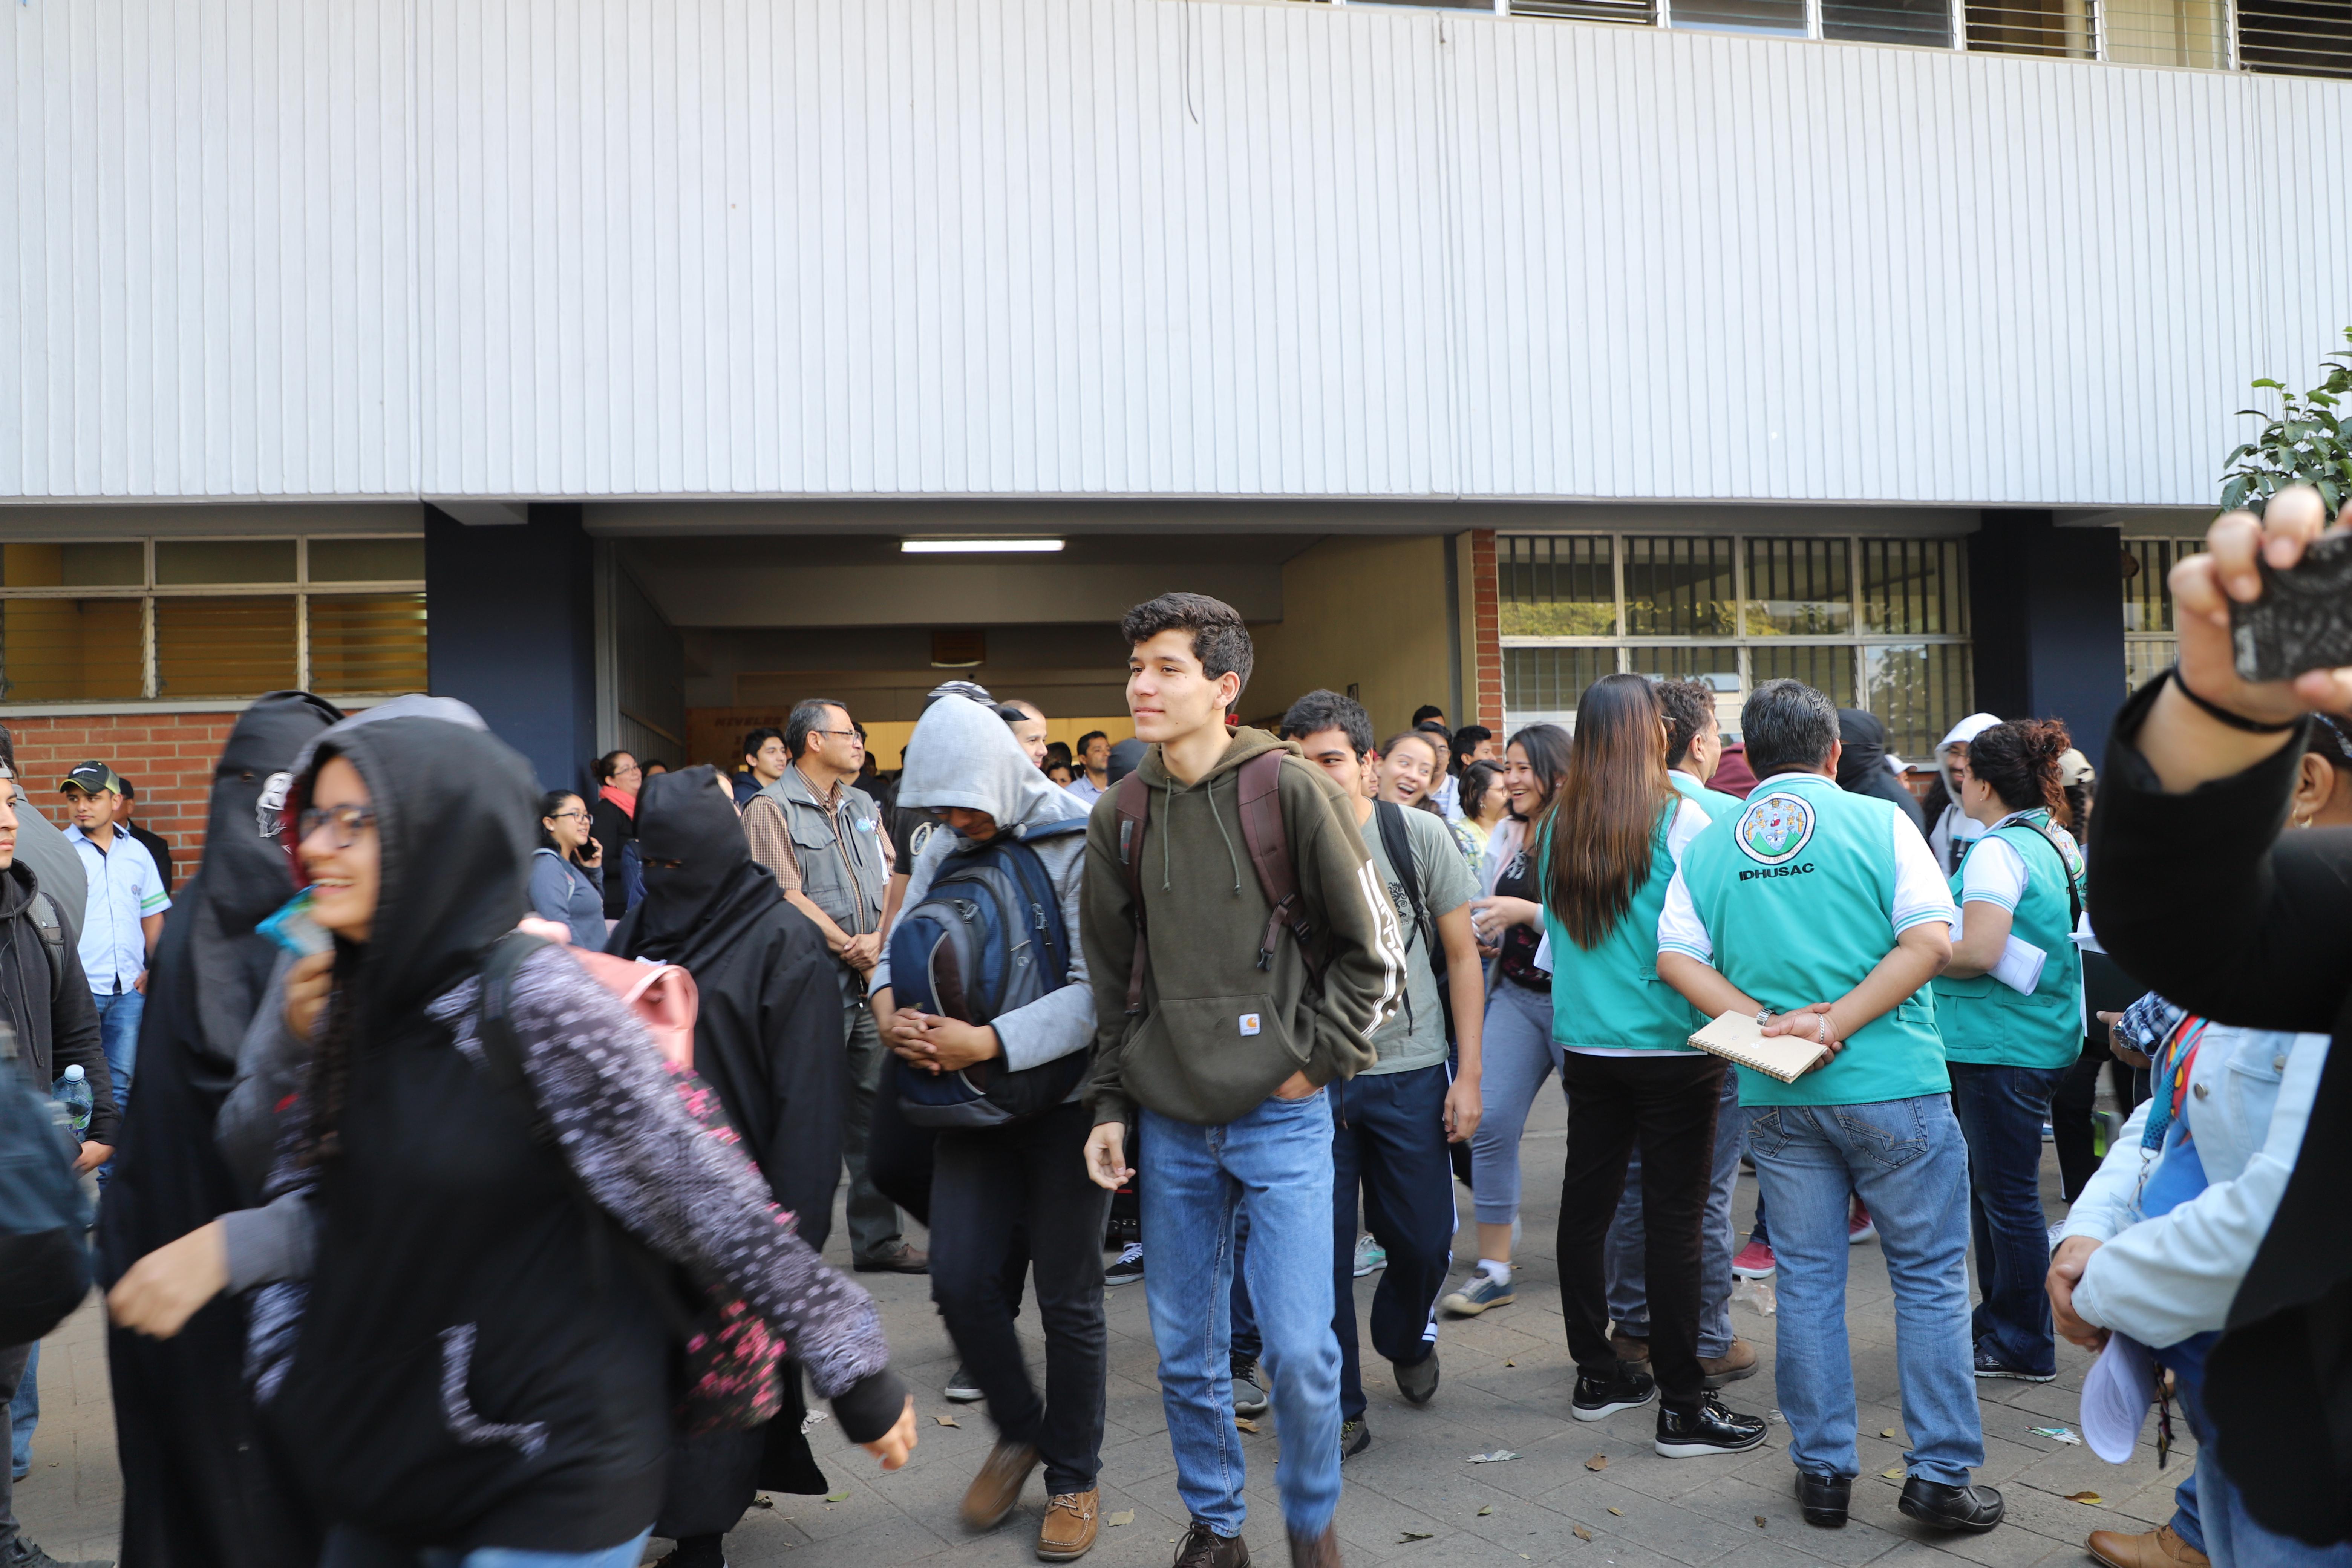 Las actividades académicas se realizaron con normalidad. Fotografía de Elio Morales.